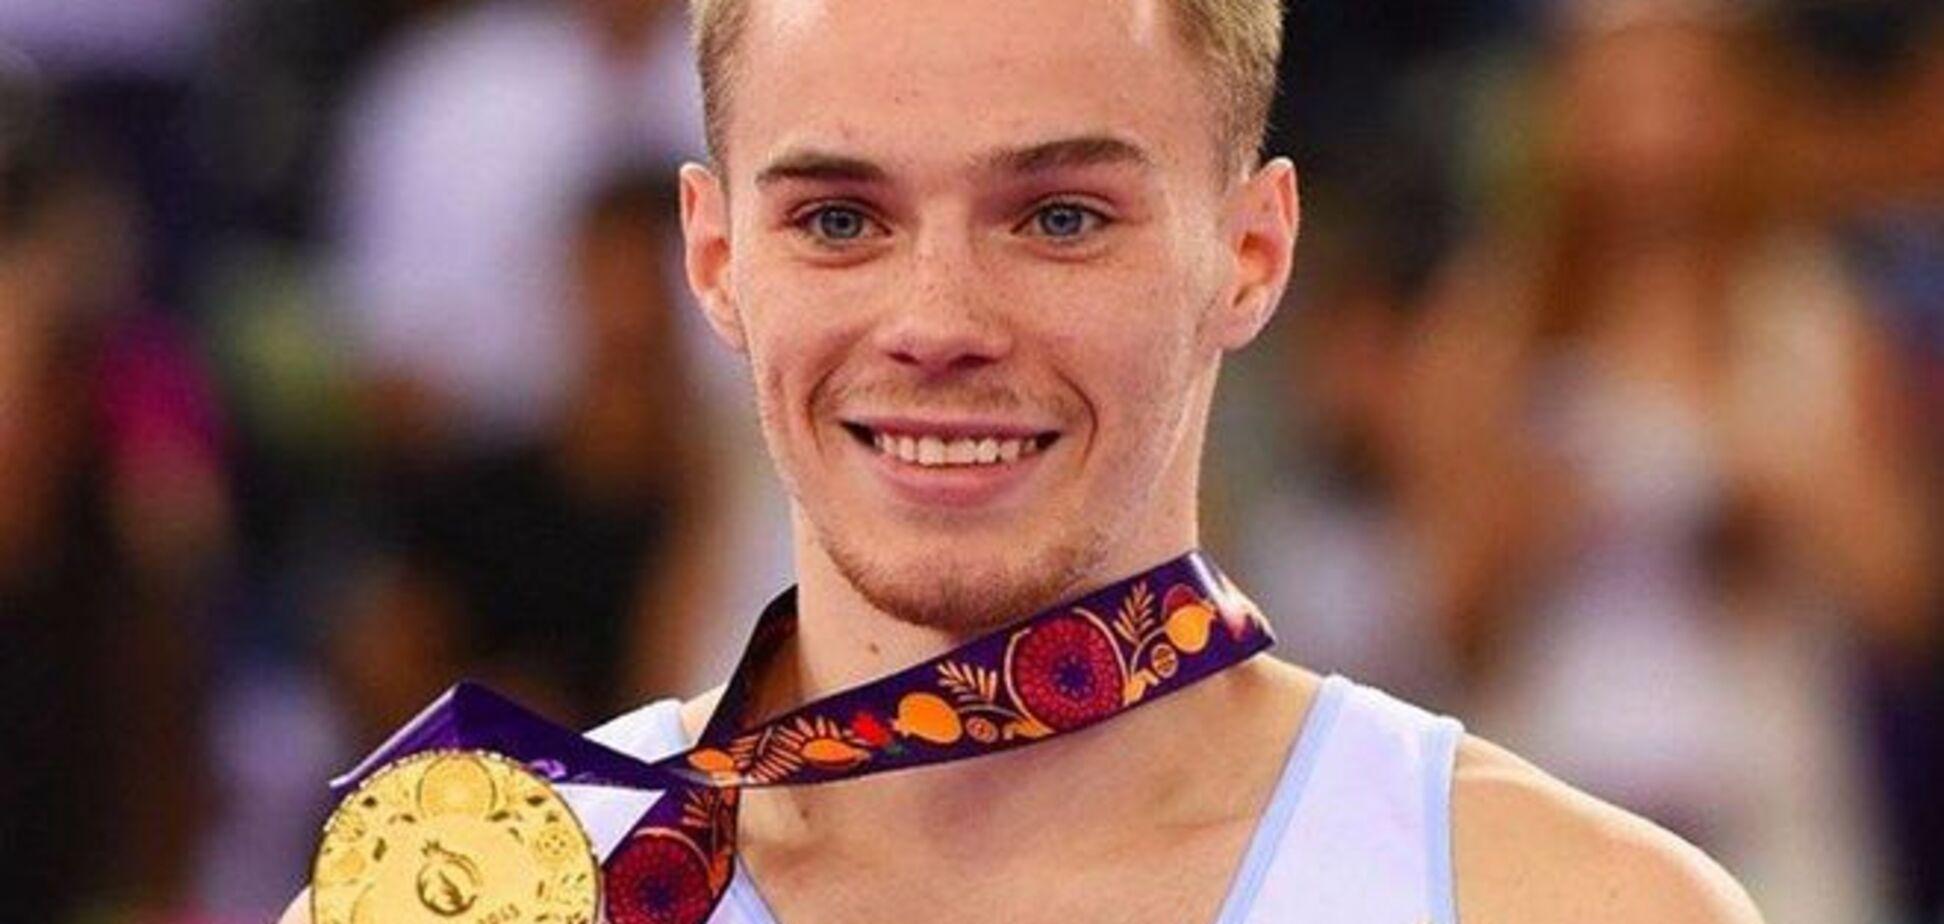 Украинец стал двукратным чемпионом Европейских игр. Итоги восьмого дня